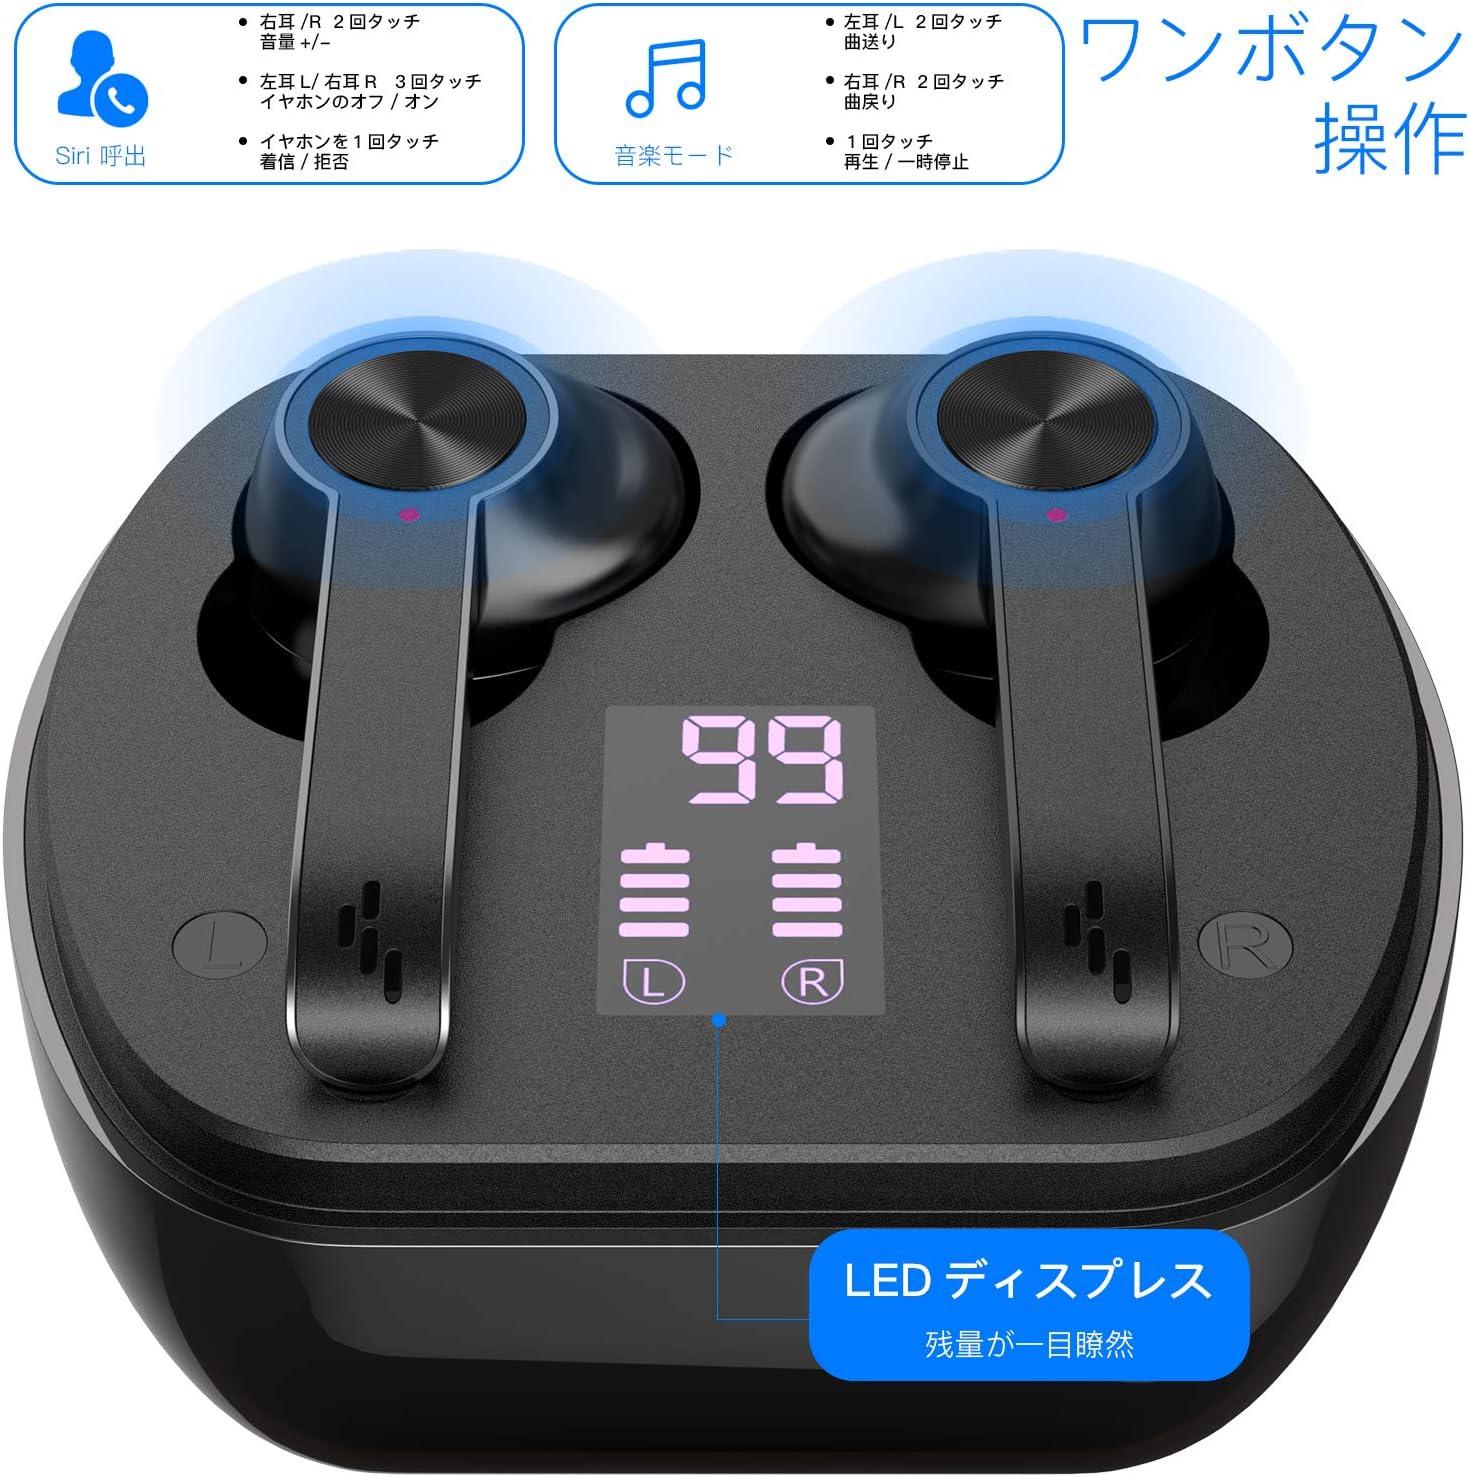 【中華ワイヤレスイヤホン】Bluetooth イヤホン【2020進化版 Bluetooth 5.0+EDR】完全ワイヤレスイヤホン wireless earphones IPX5防水規格